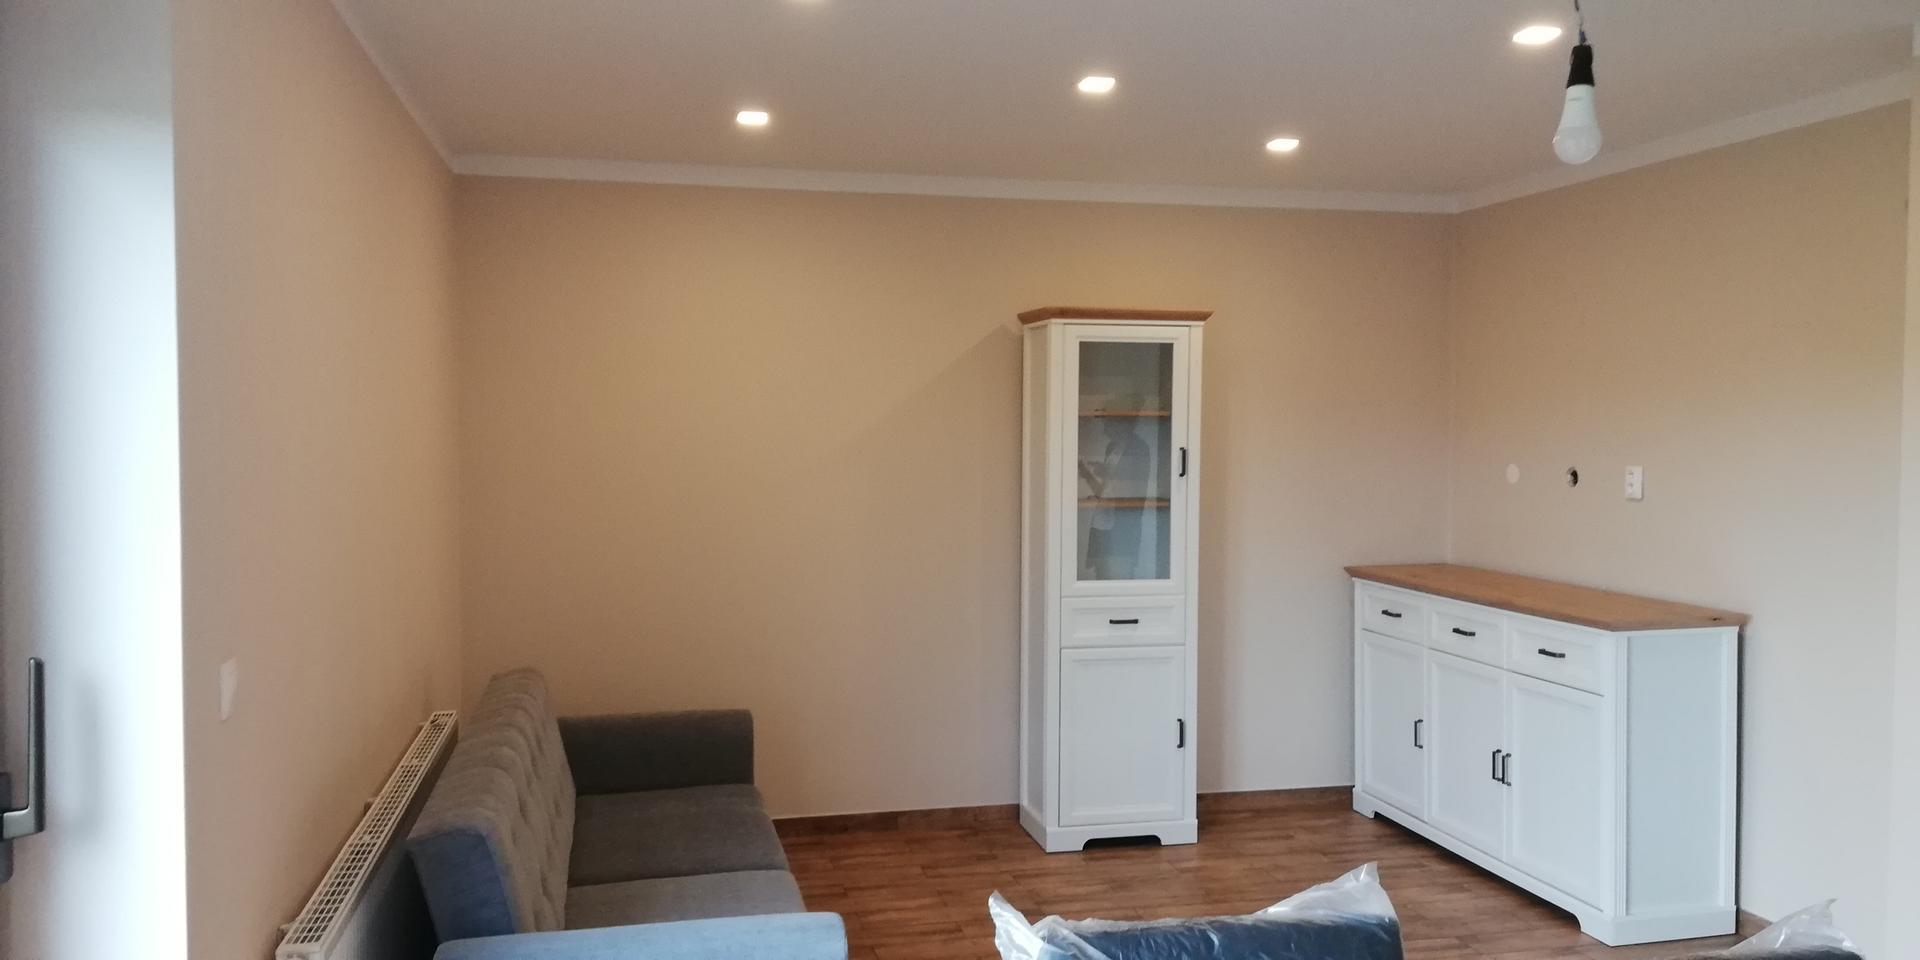 Obývačka - Obrázok č. 2